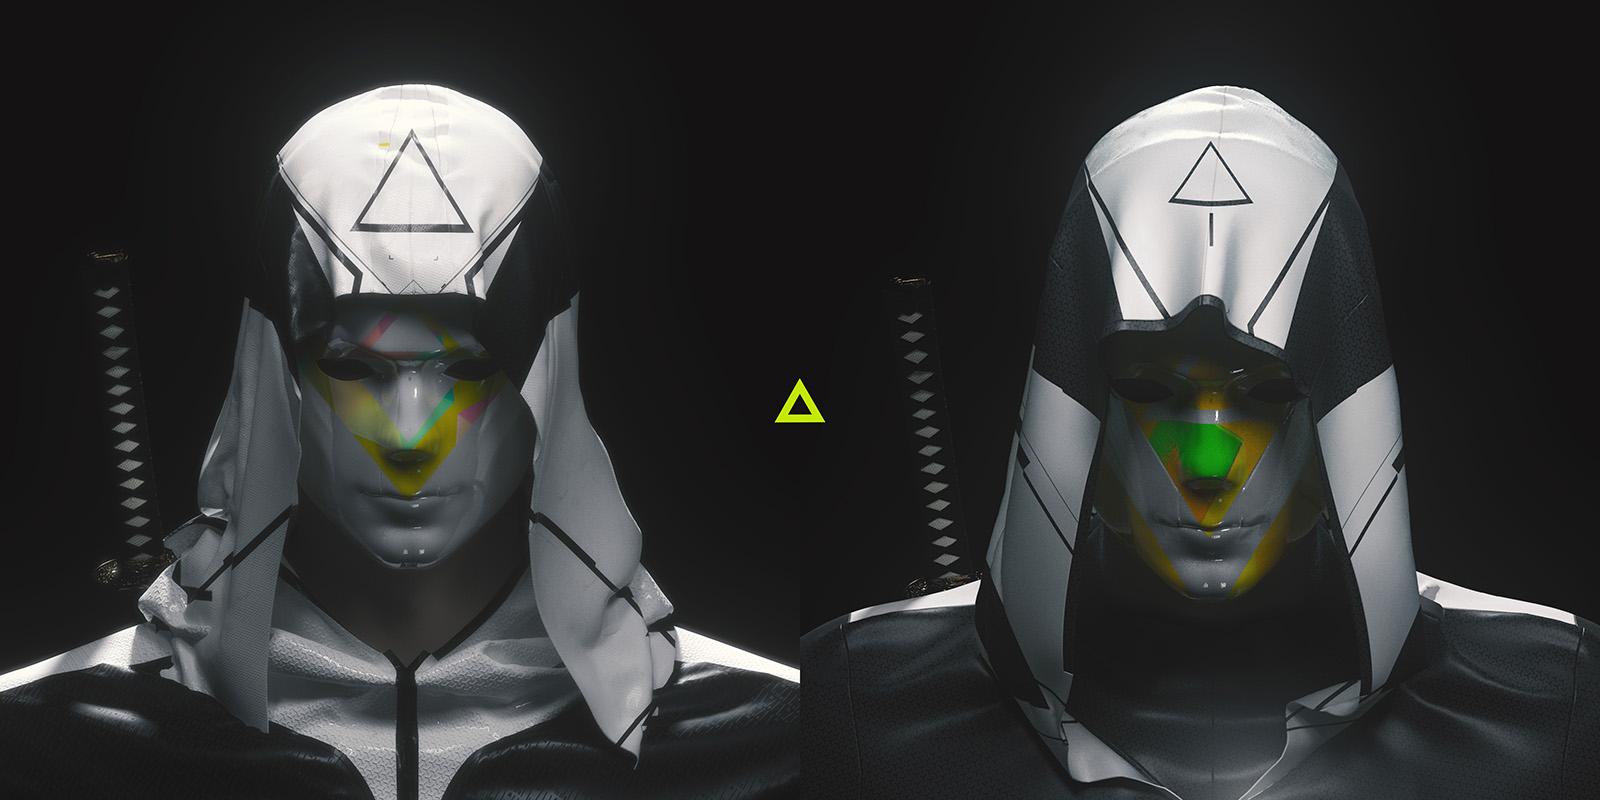 NIKE_AE_Assassin_RenderMockups_02